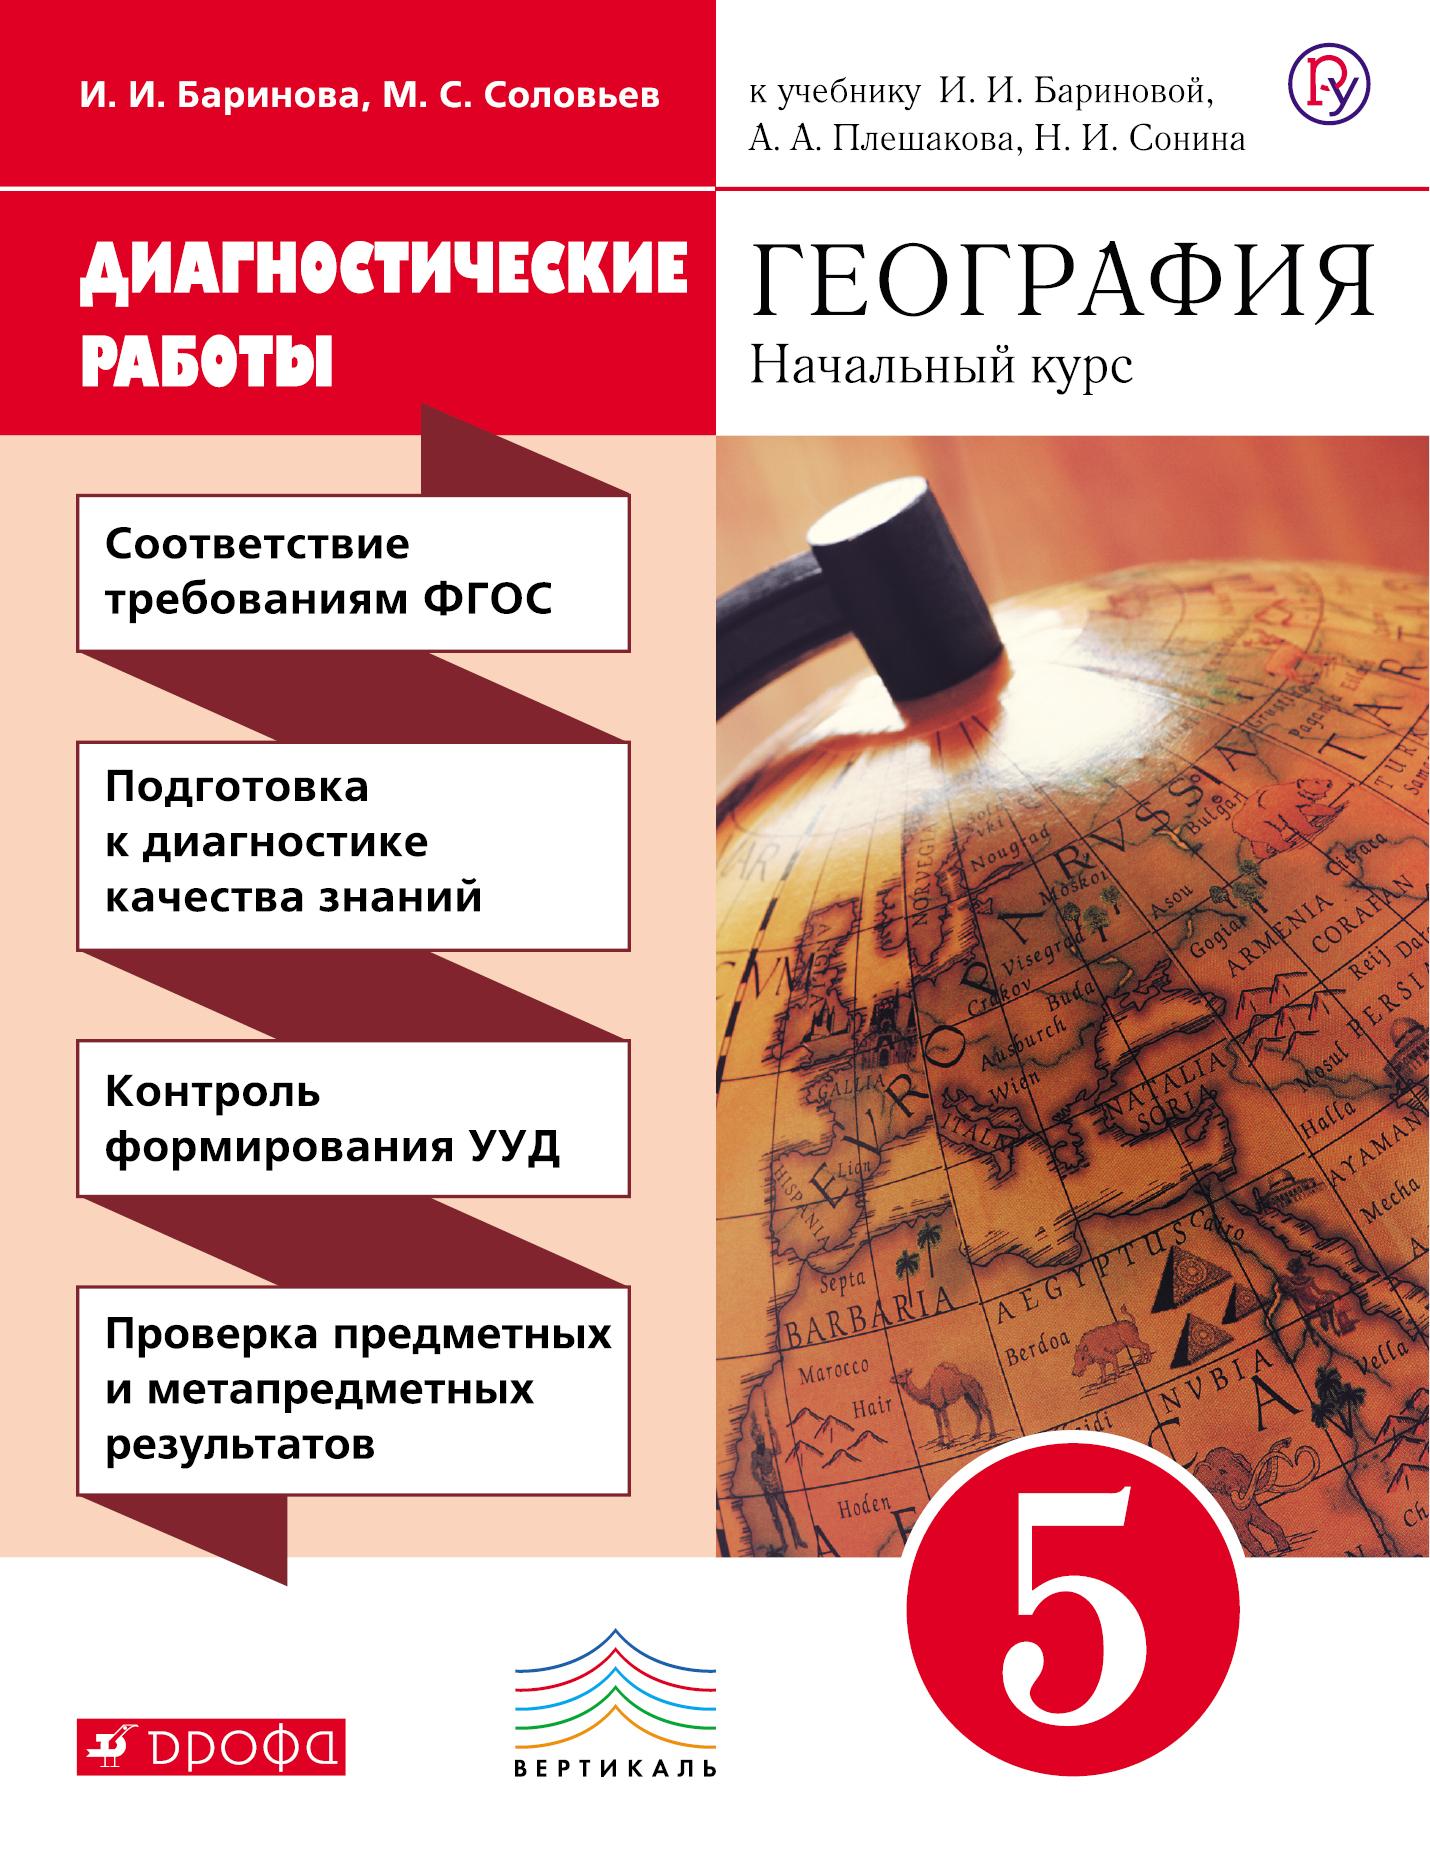 Баринова И.И., Копачева Л.П. География. 5 класс. Диагностические работы календарь по географии 6 класс